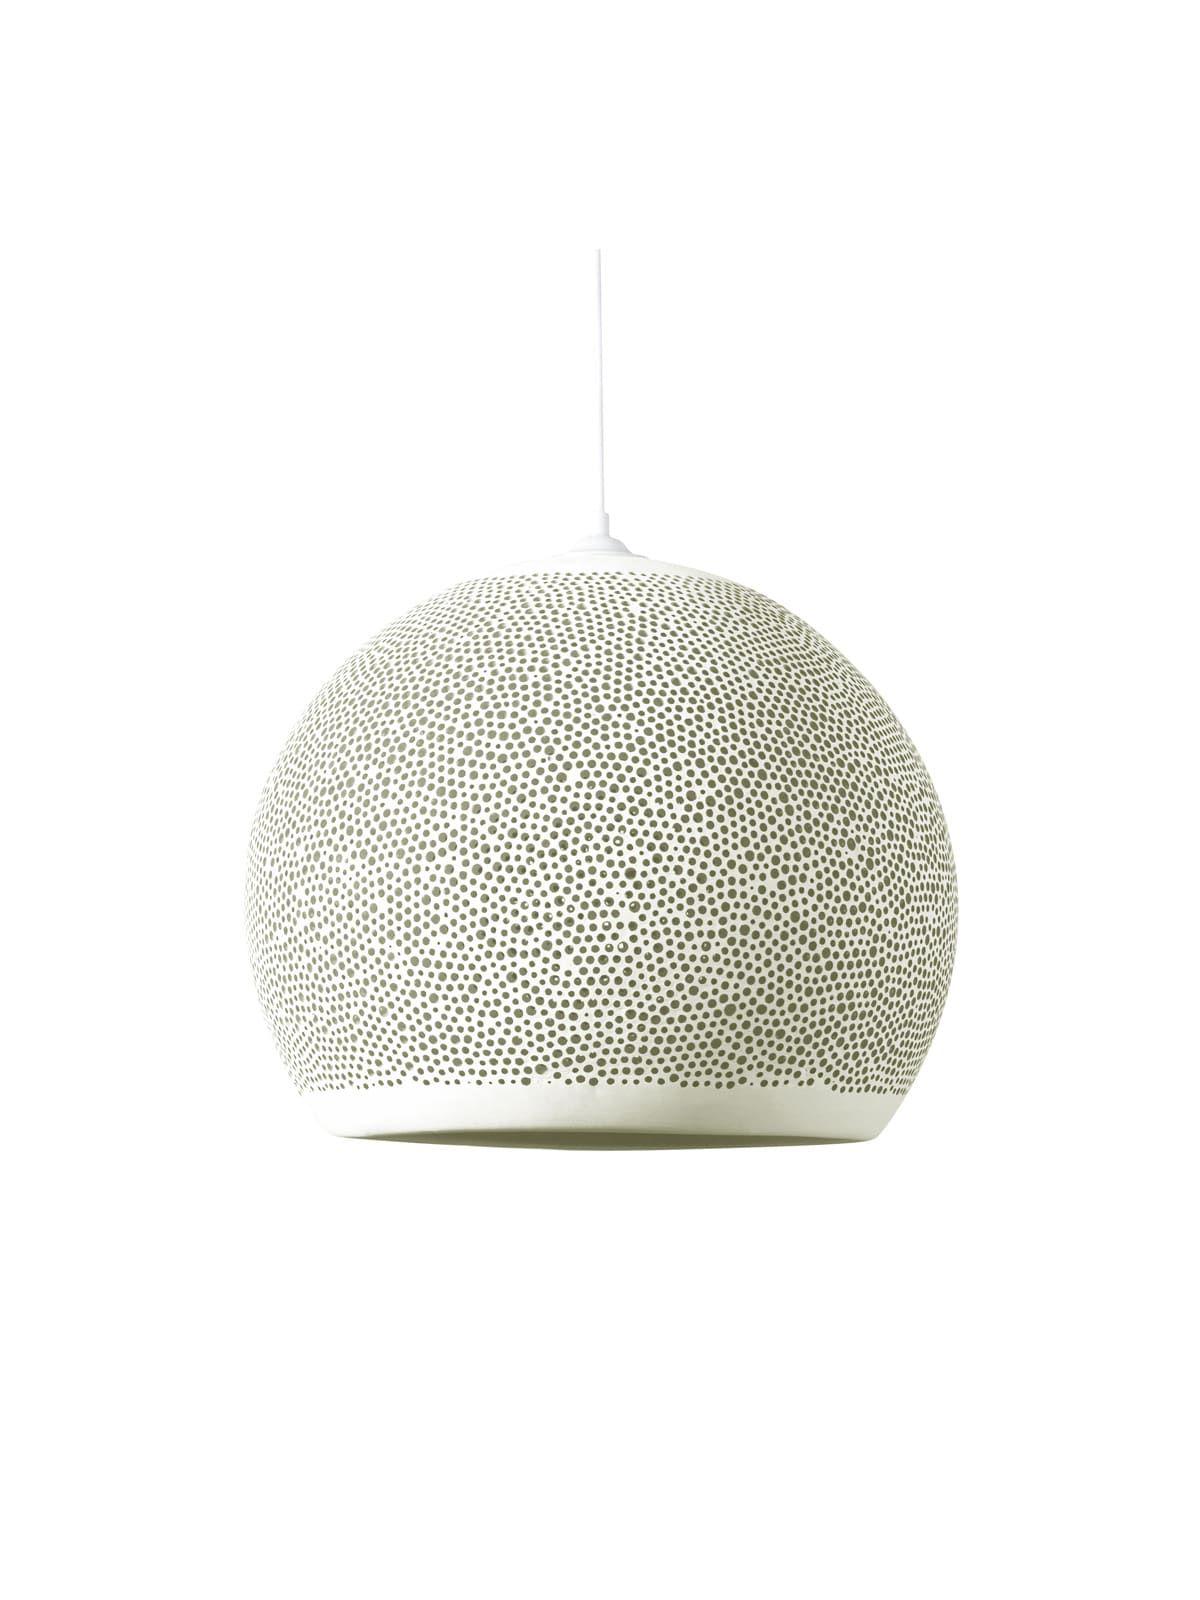 Spongeup wei beleuchtung wohnzimmer leuchte lampe for Designerleuchten esszimmer